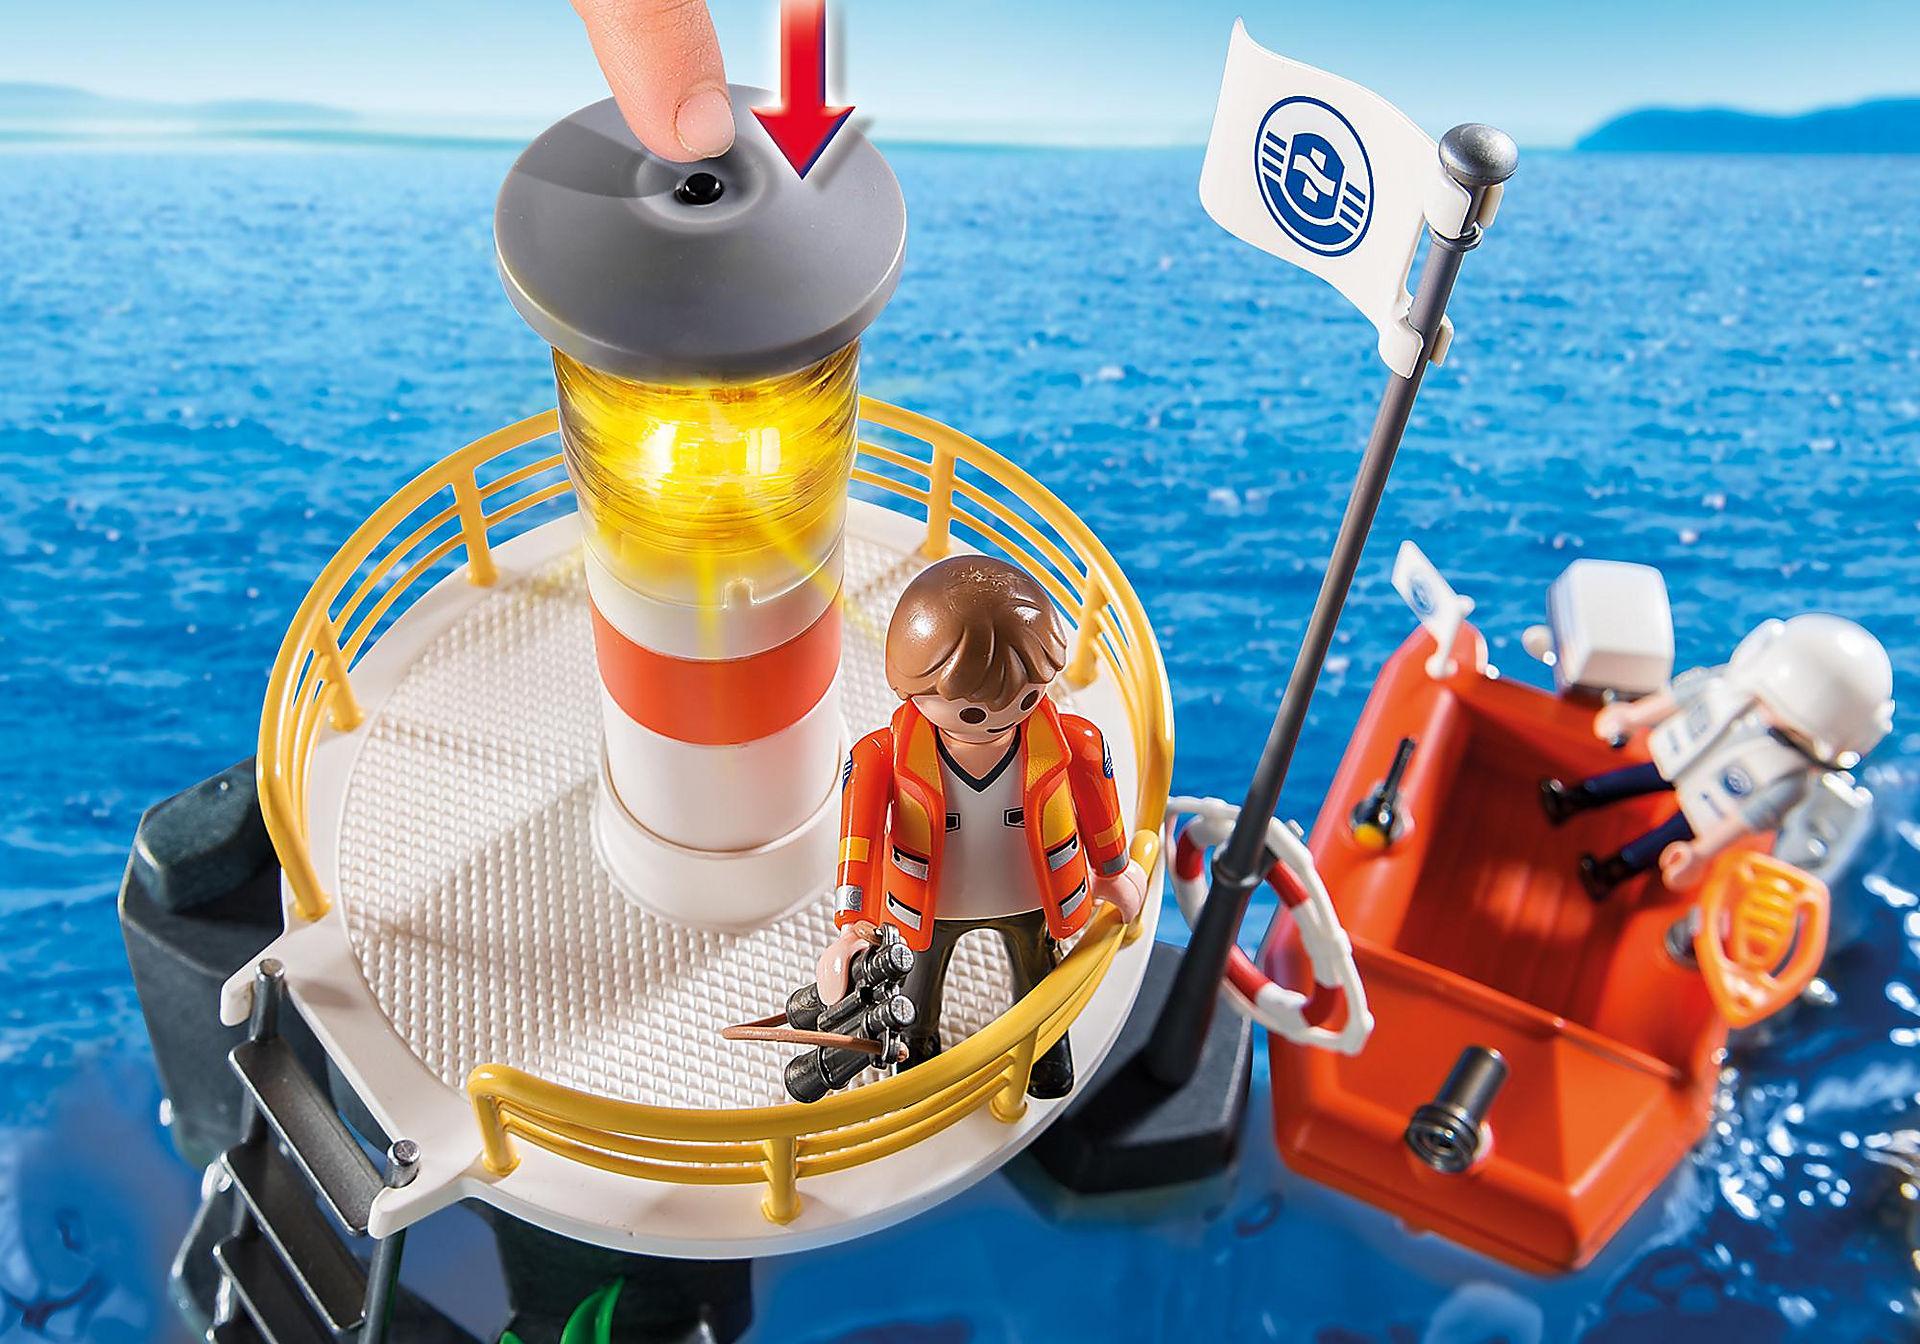 5626  Vuurtoren met reddingsboot zoom image5